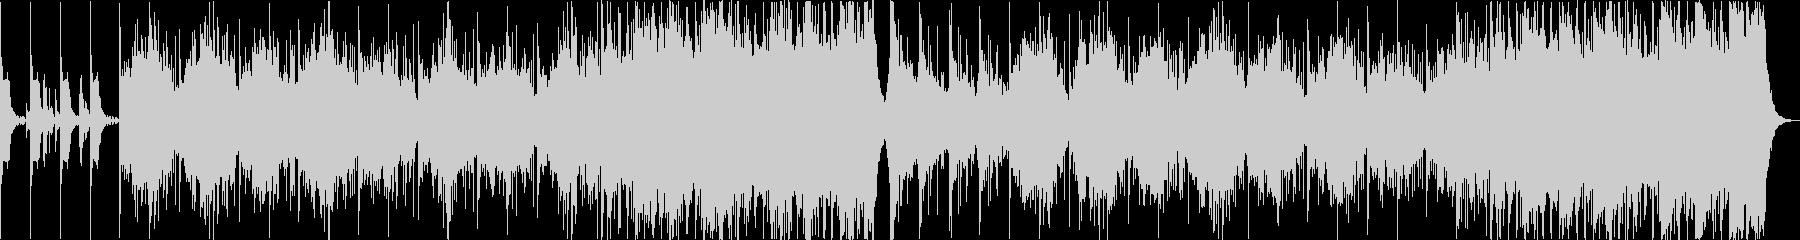 民族音楽系ダンジョンBGMの未再生の波形